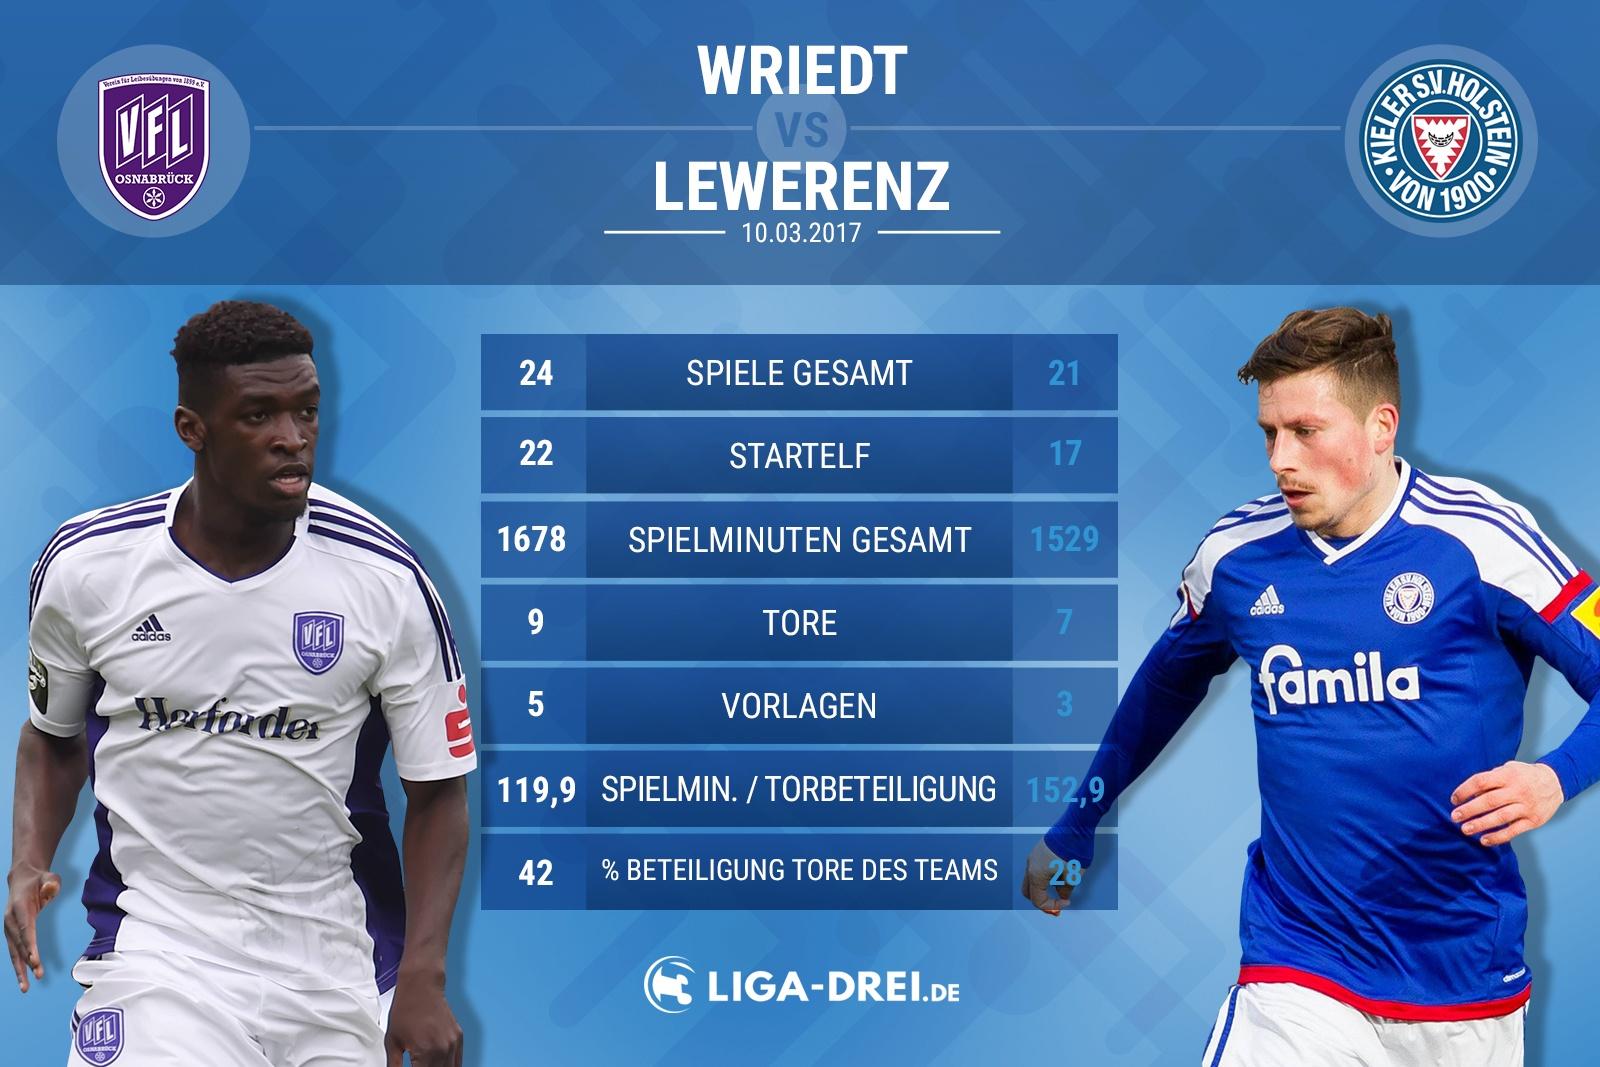 Spielervergleich von Wriedt & Lewerenz